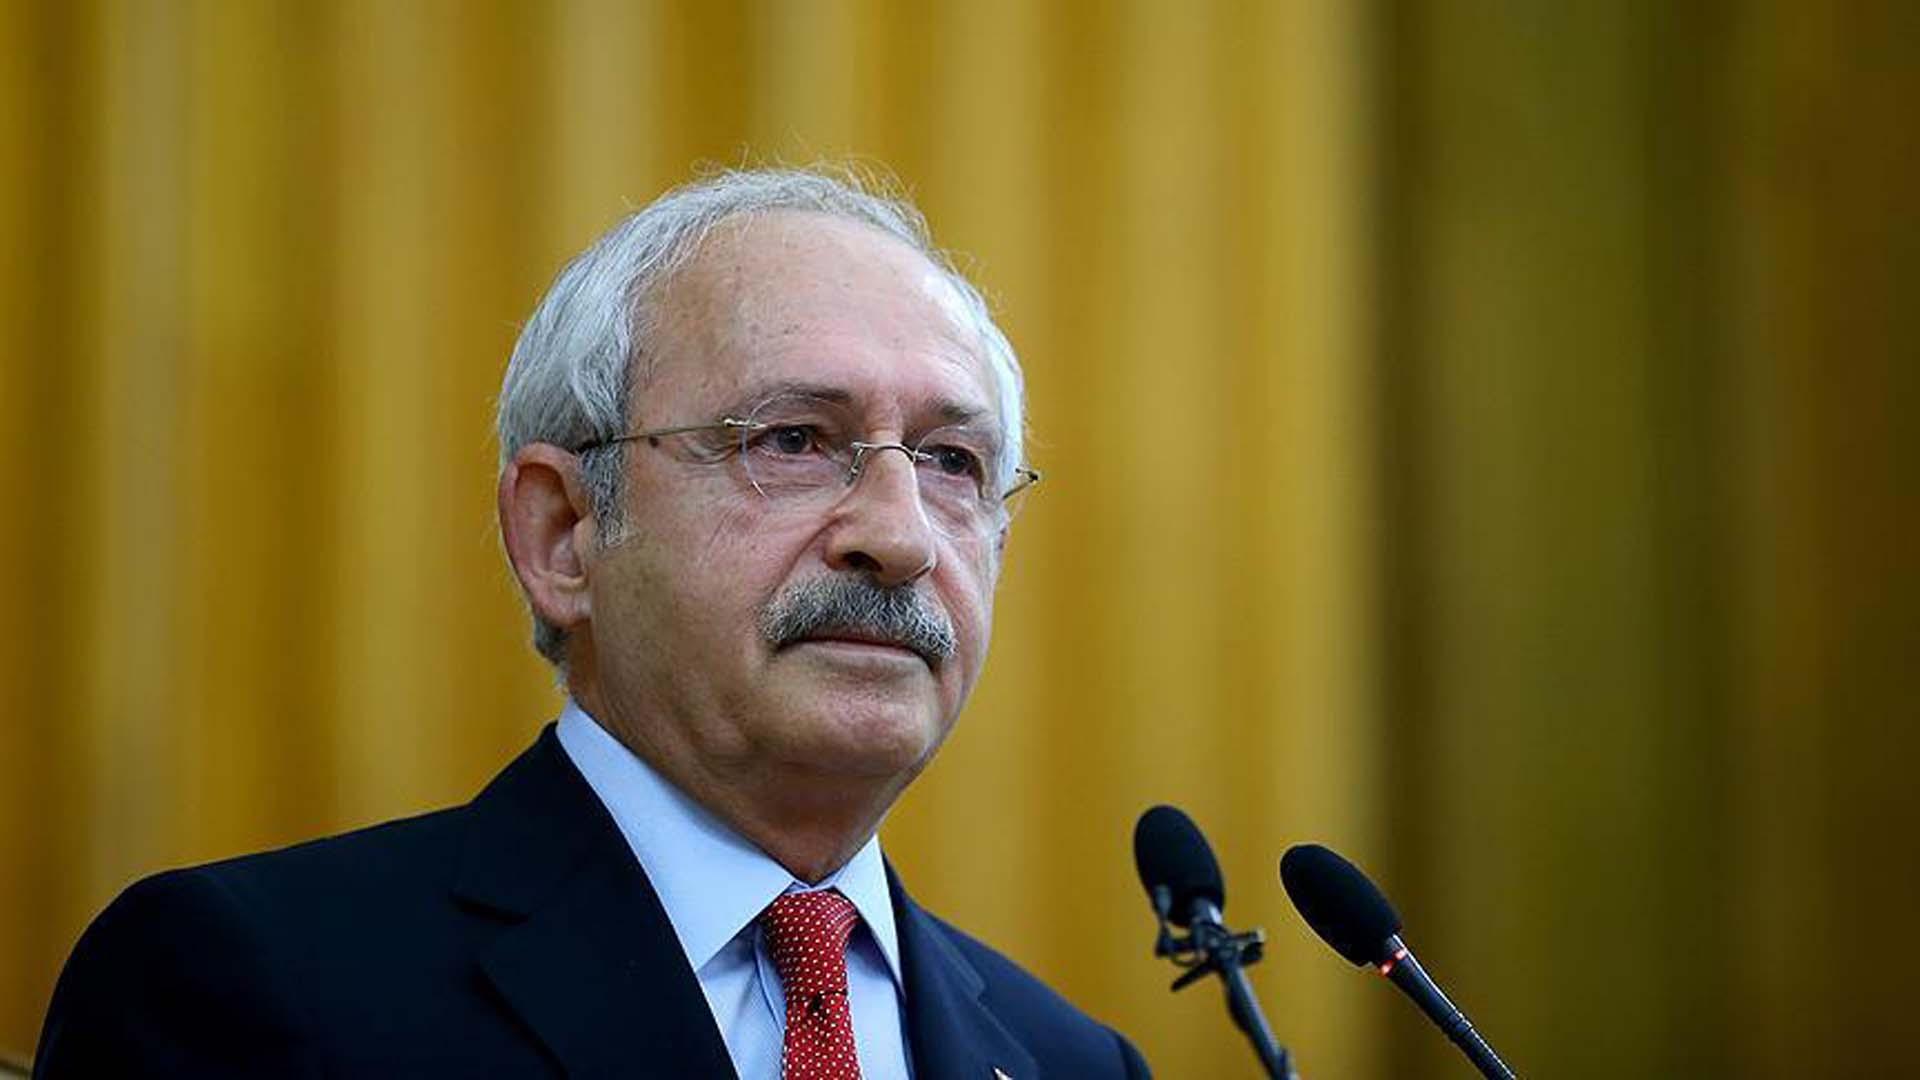 Kılıçdaroğlu, cumhurbaşkanı olmak için yanıp tutuşuyor: Millet İttifakı derse ki Siz aday olun, kabul ederim